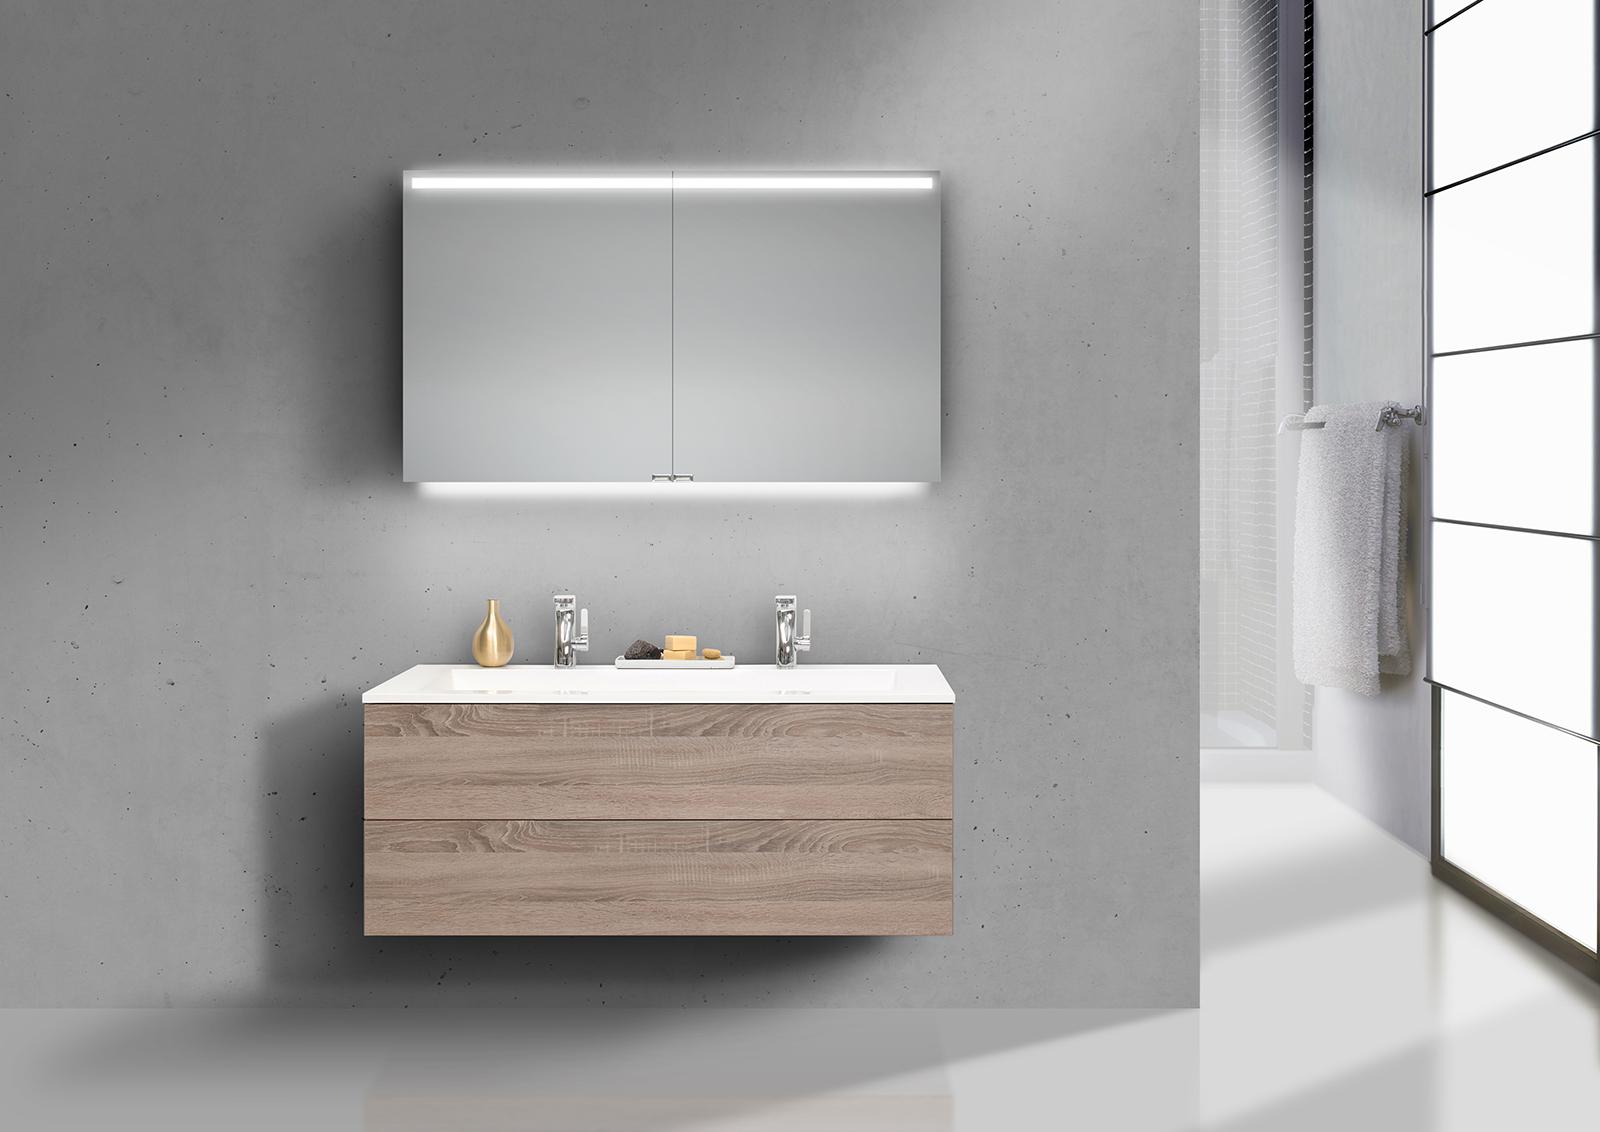 intarbad cubo 1200 doppelwaschbecken badset grifflos mit unterschrank und led spiegelschrank. Black Bedroom Furniture Sets. Home Design Ideas